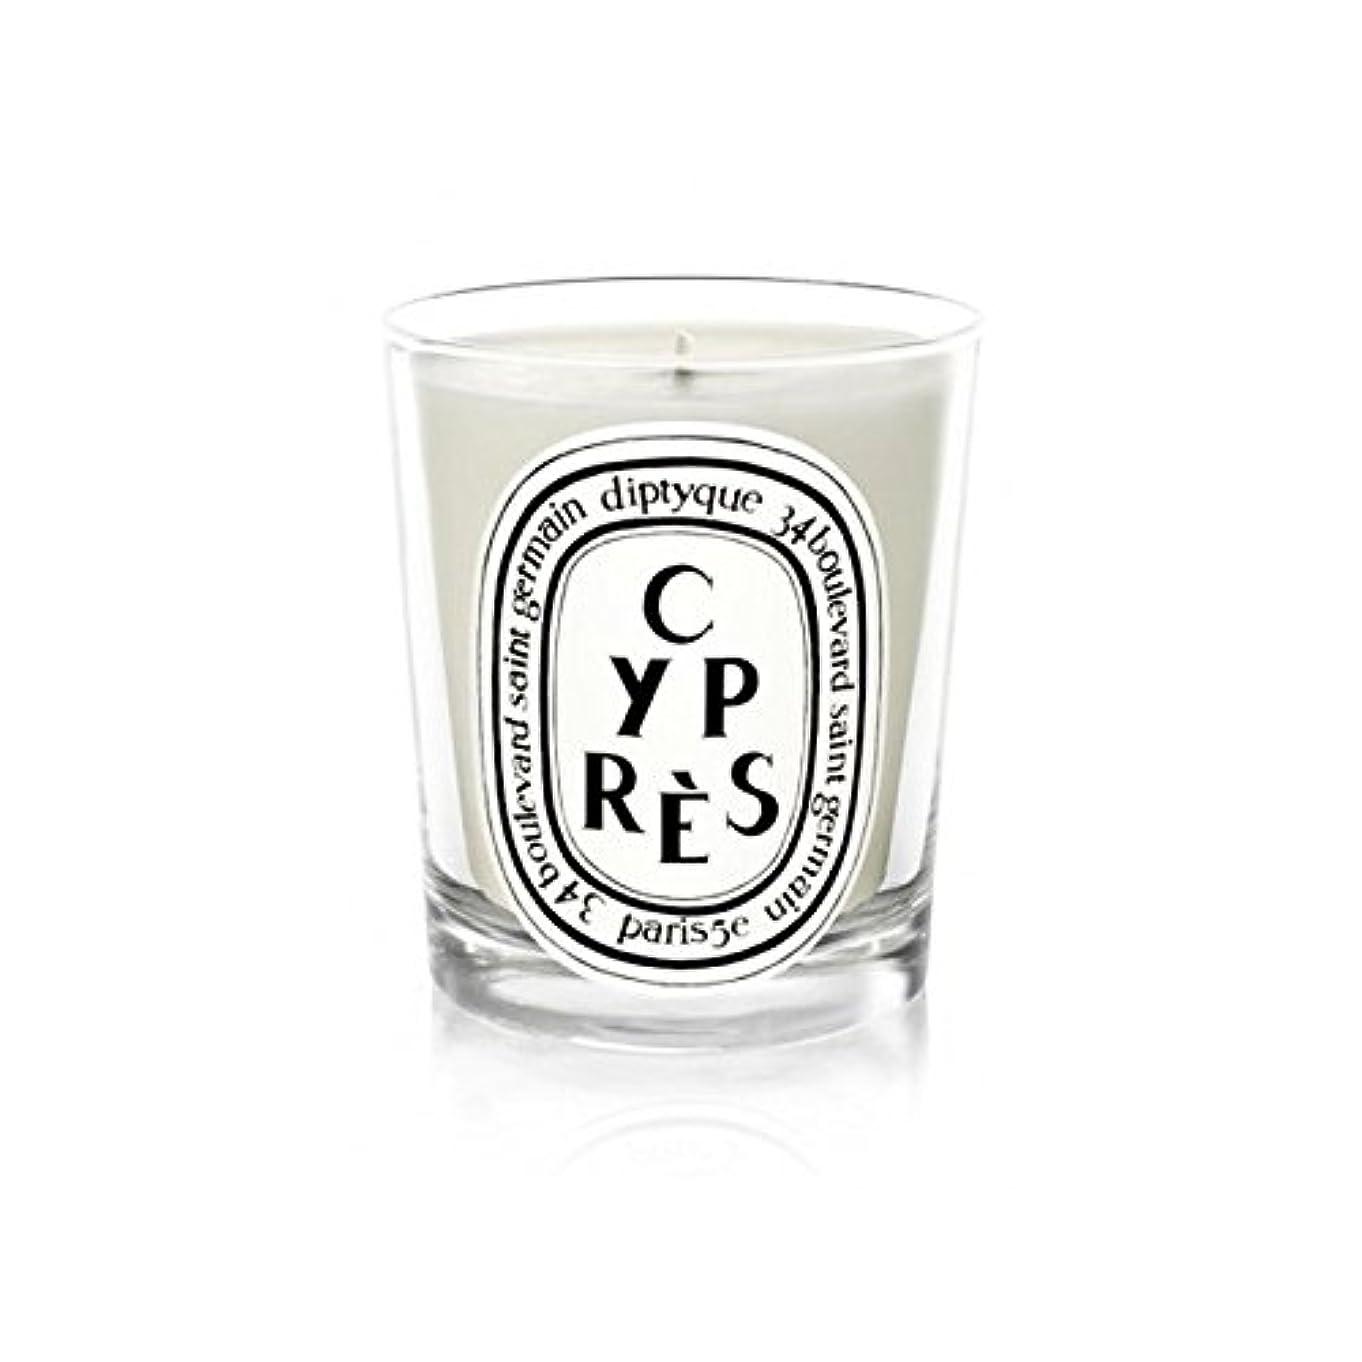 ネイティブデクリメント大西洋DiptyqueキャンドルCypr?s/ヒノキ190グラム - Diptyque Candle Cypr?s / Cypress 190g (Diptyque) [並行輸入品]